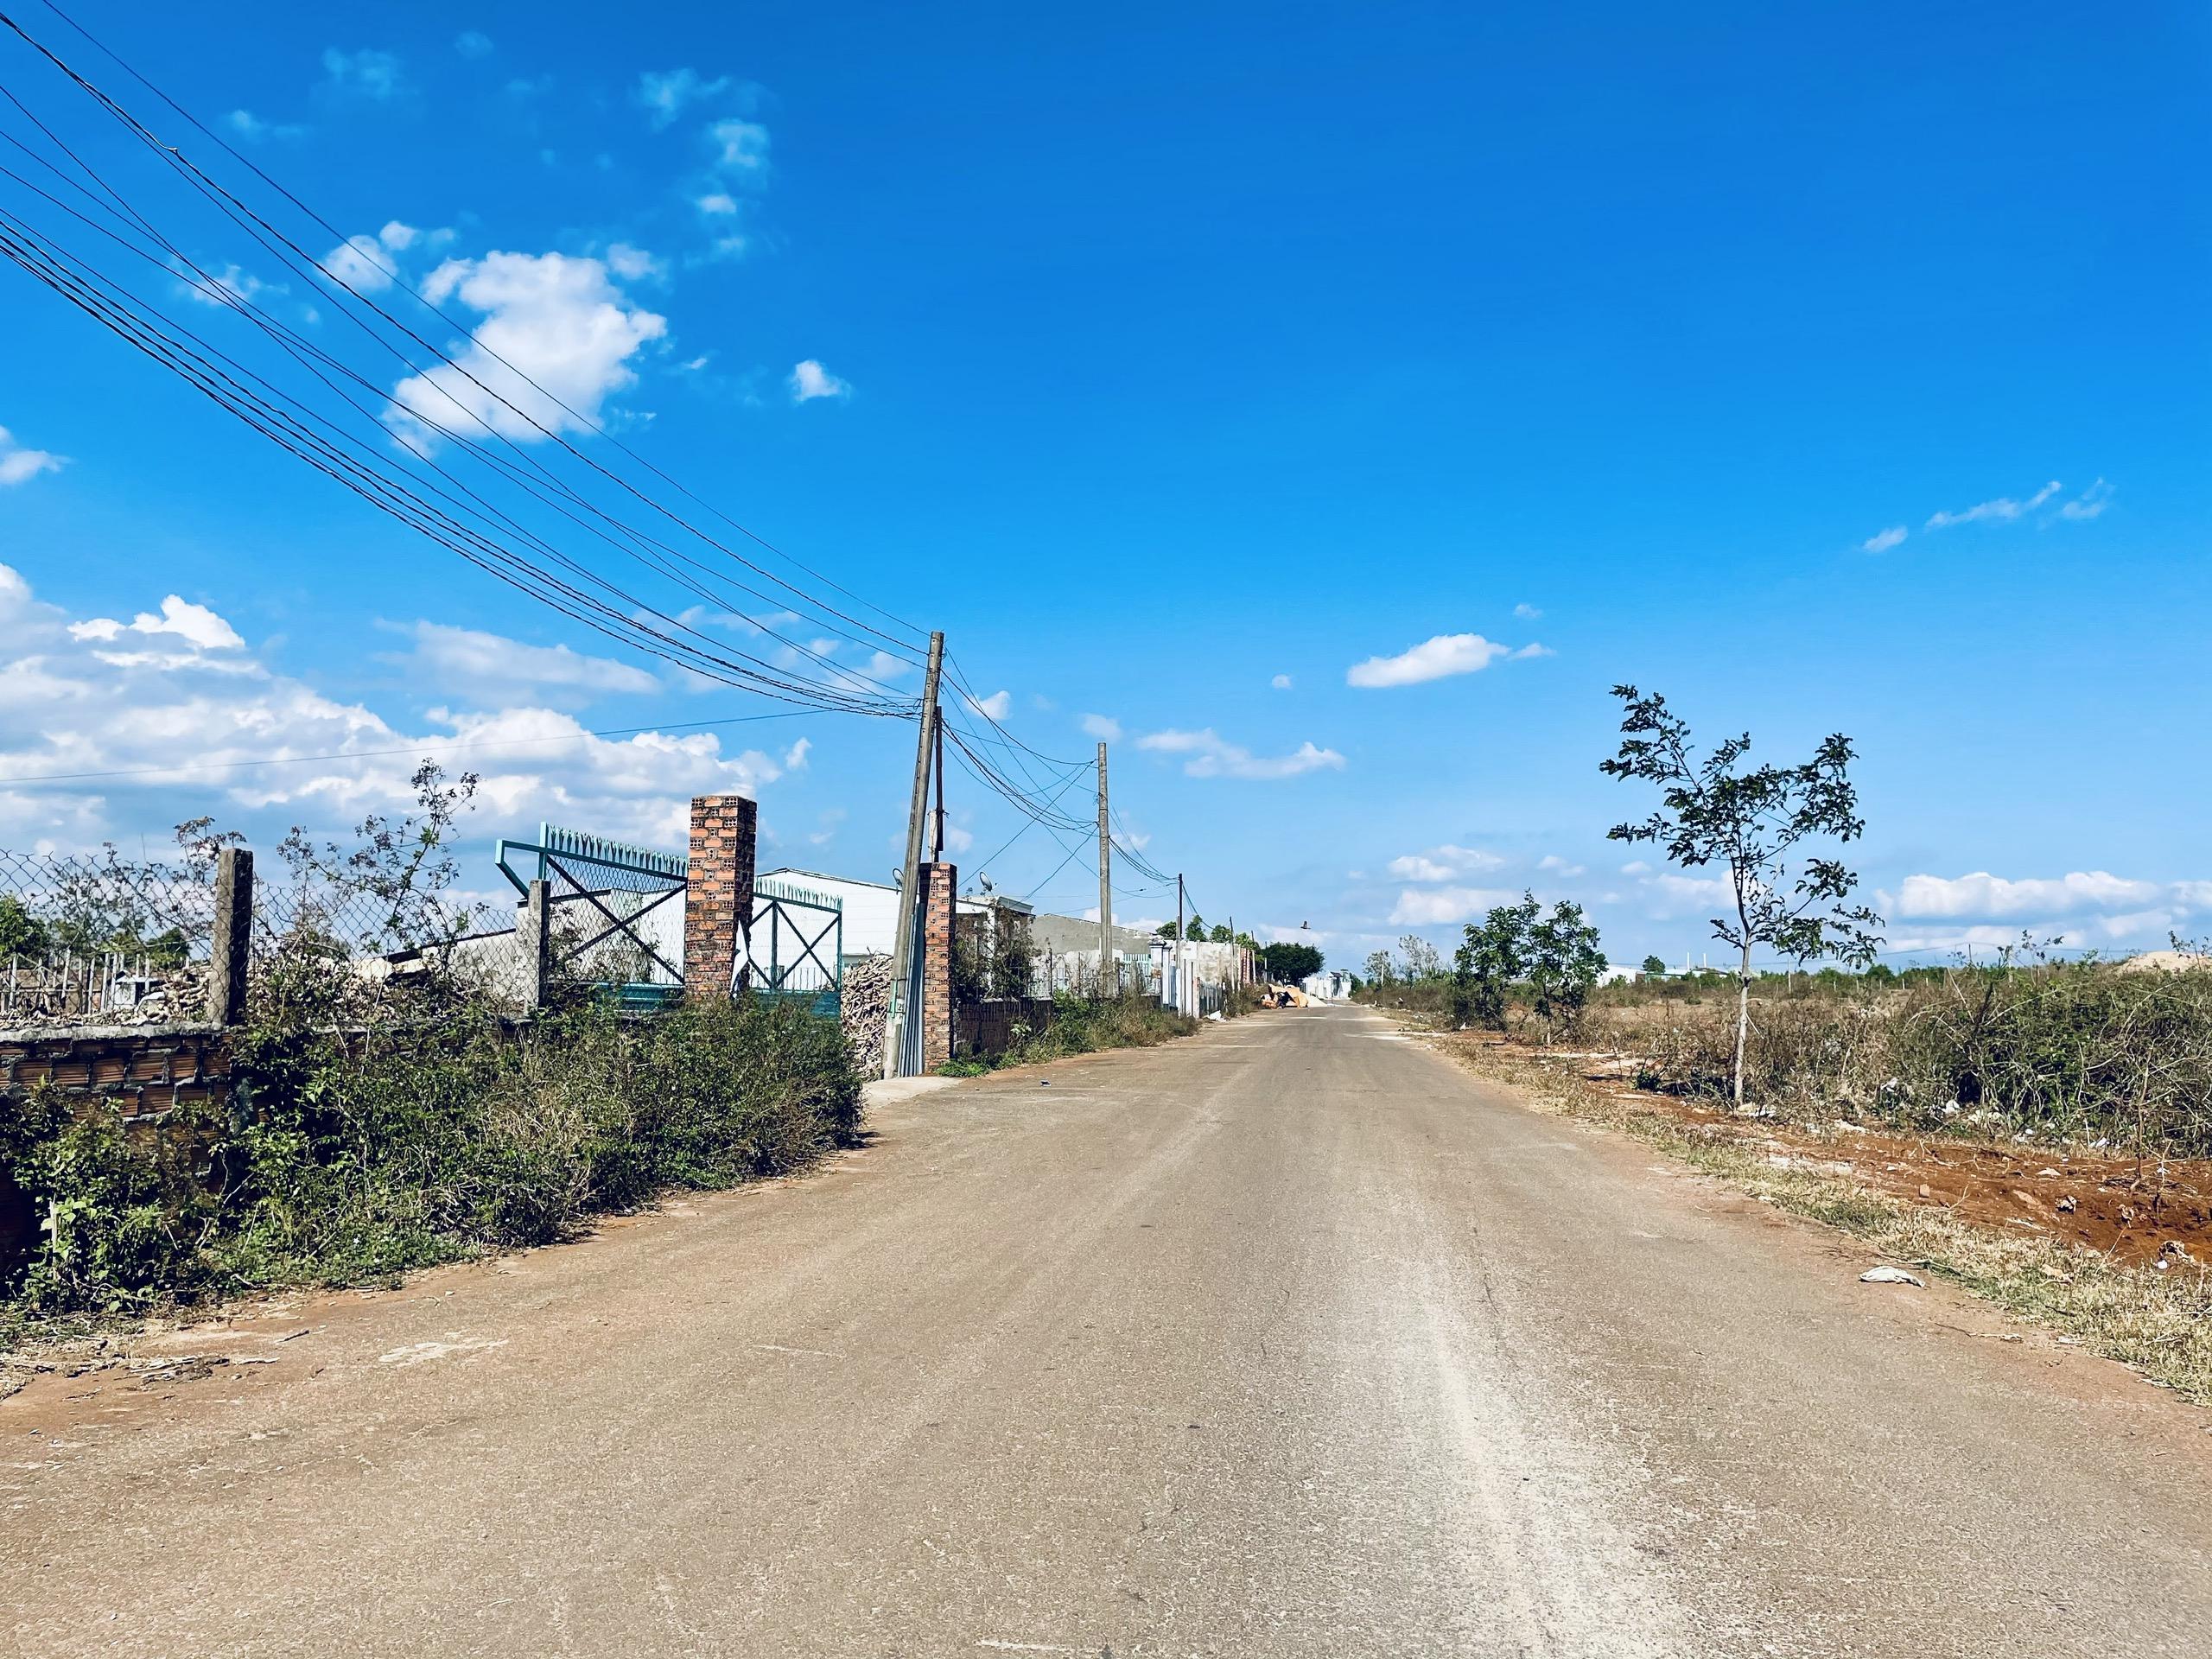 Cần bán 1000m2 đất nông nghiệp gần khu du lịch Biển Hồ